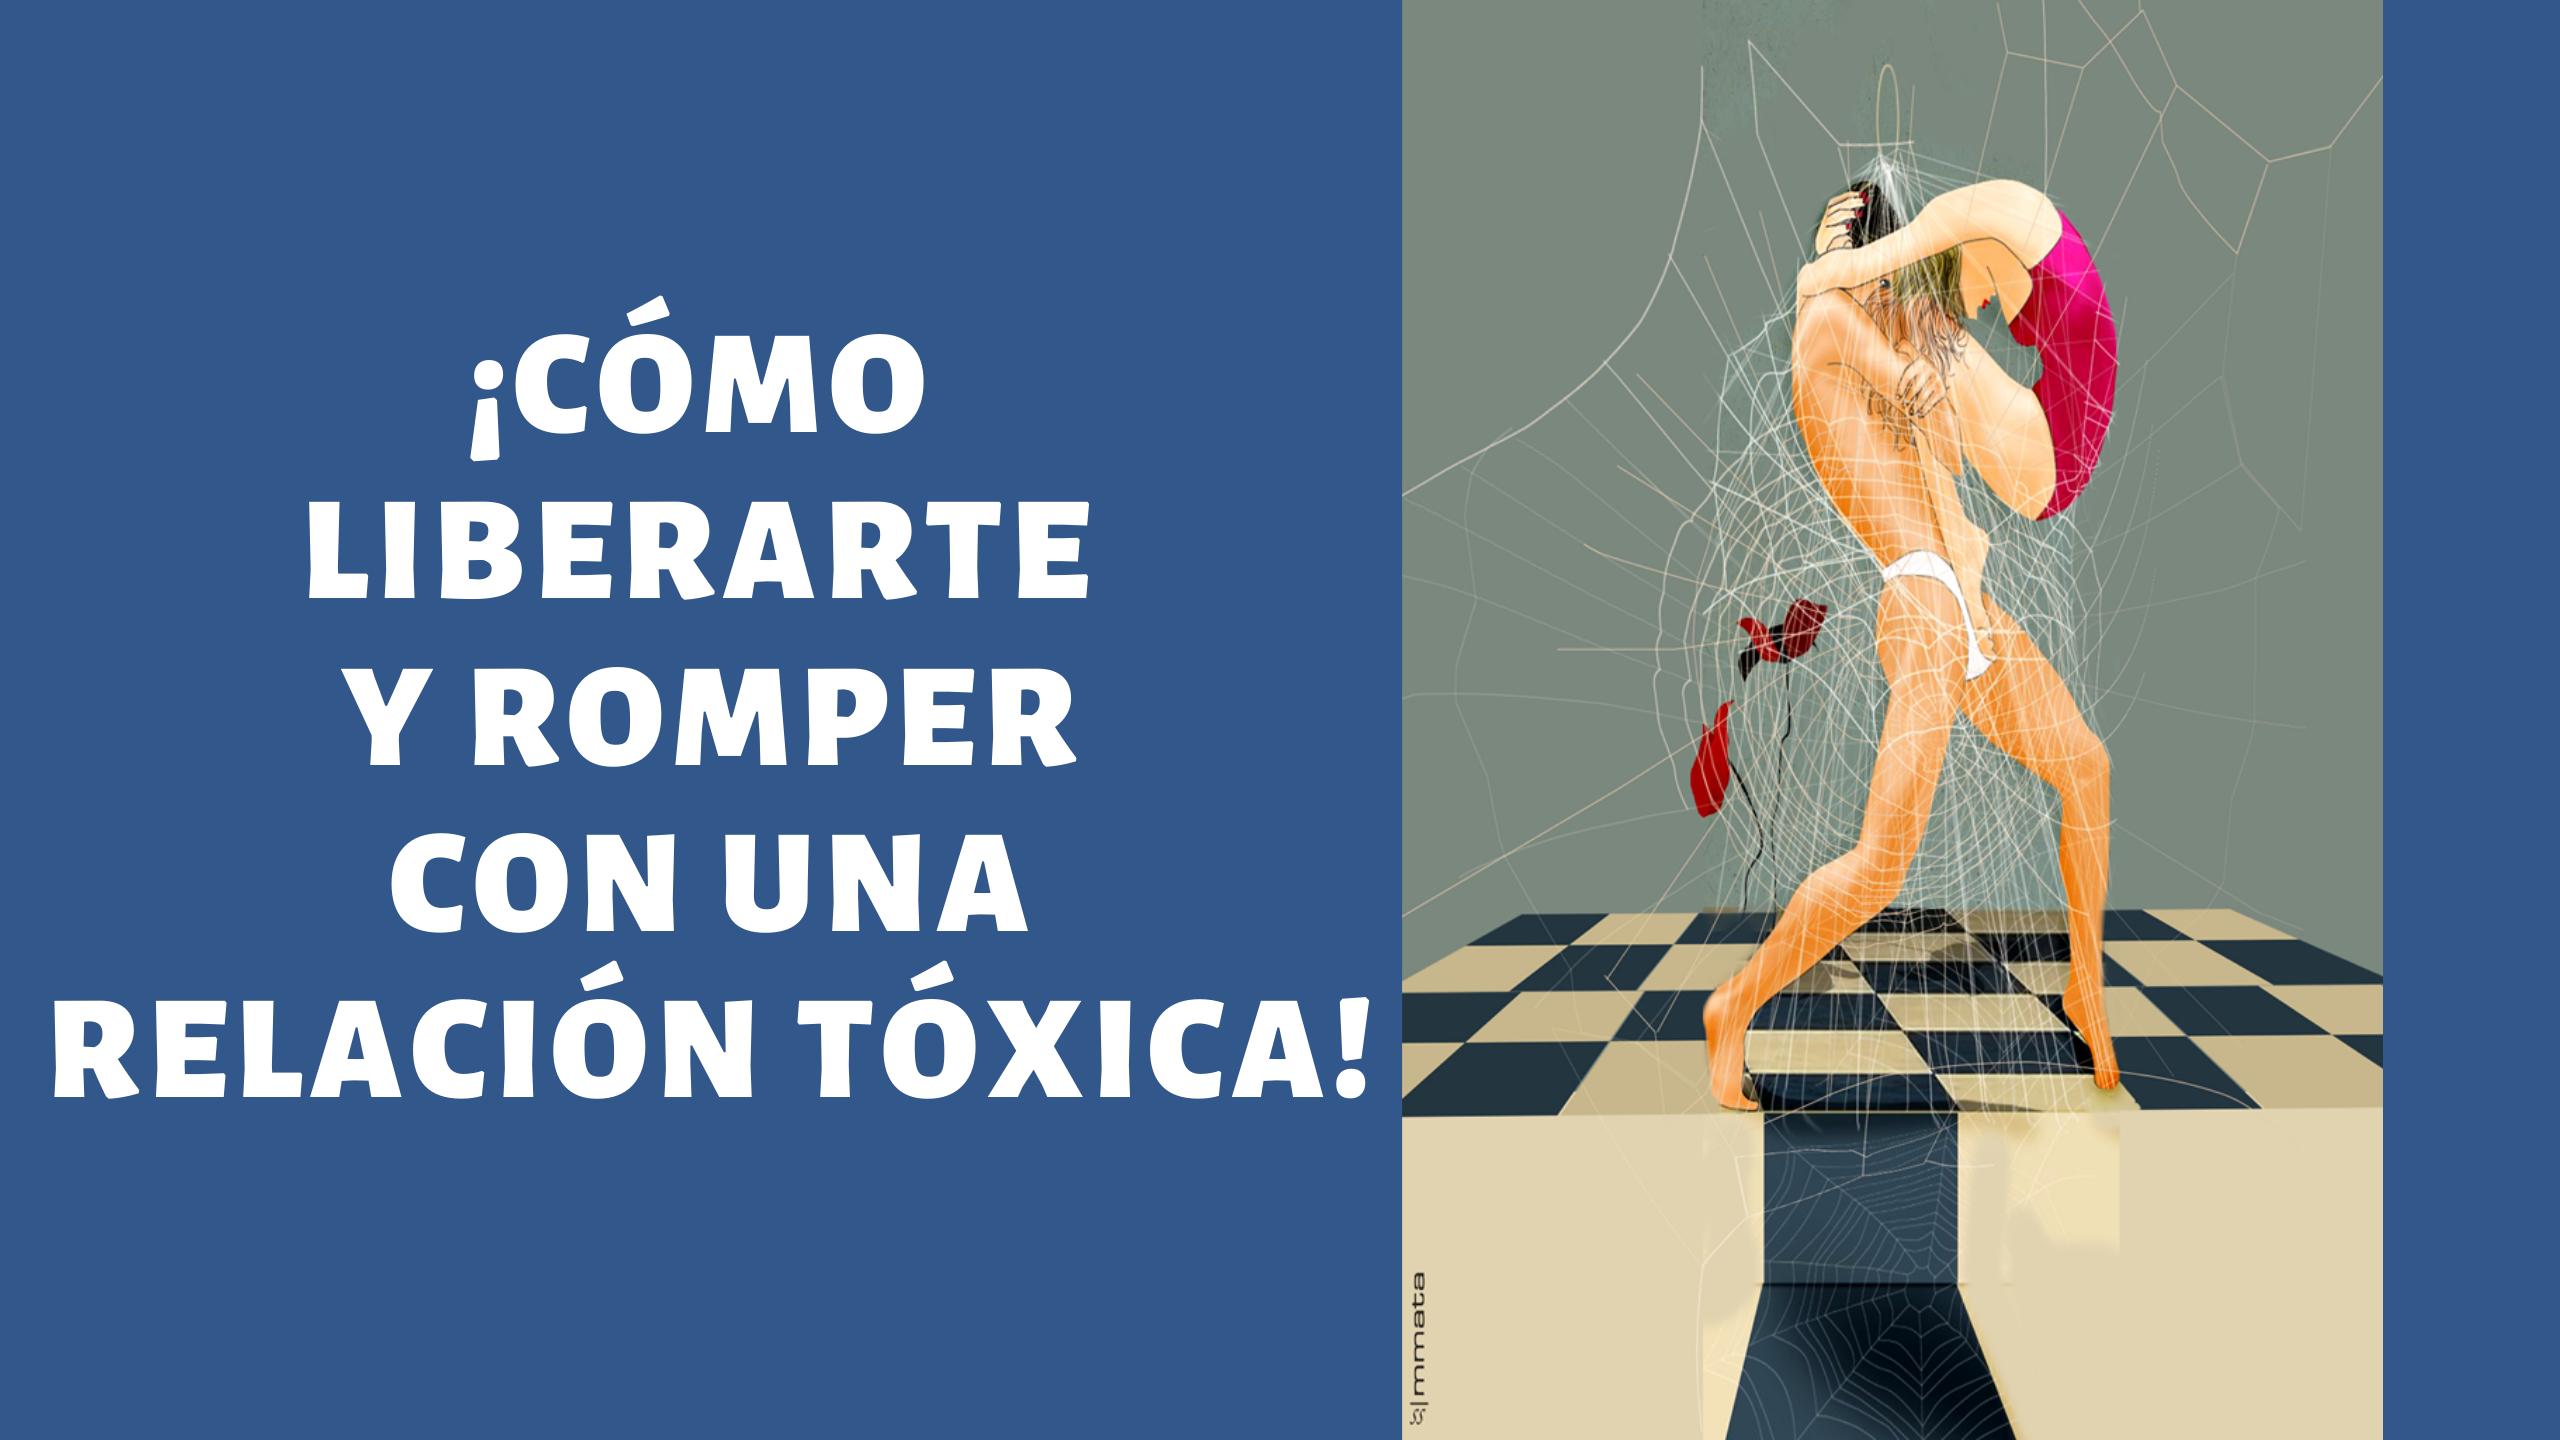 COMO LIBERARTE Y ROMPER CON UNA RELACIÓN TÓXICA